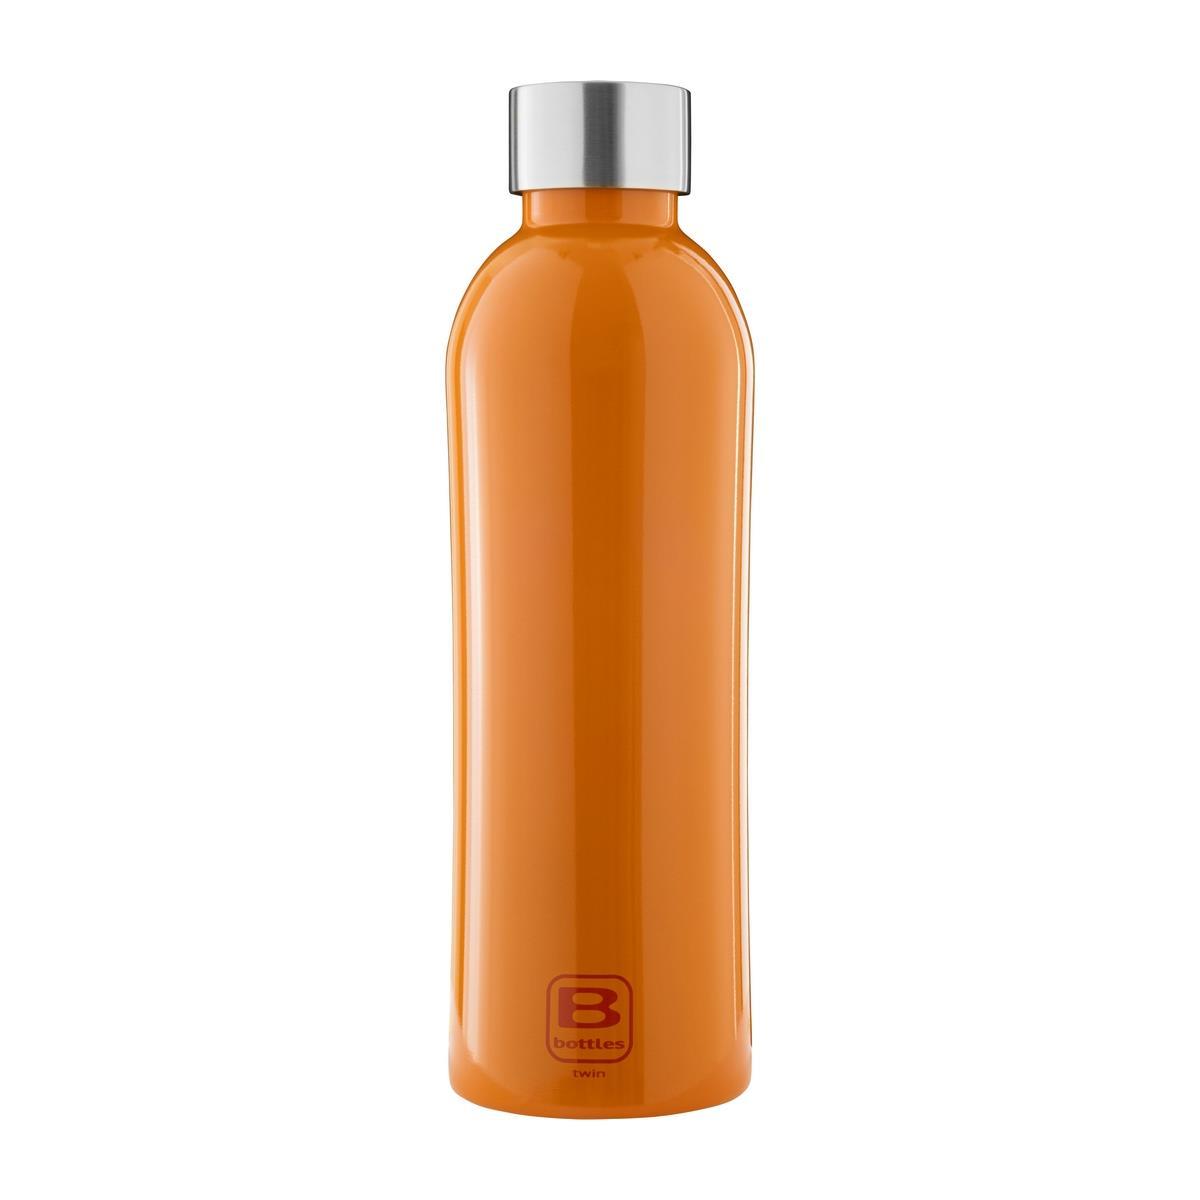 B Bottles Twin - Orange Lucido - 800 ml - Bottiglia Termica a doppia parete in acciaio inox 18/10